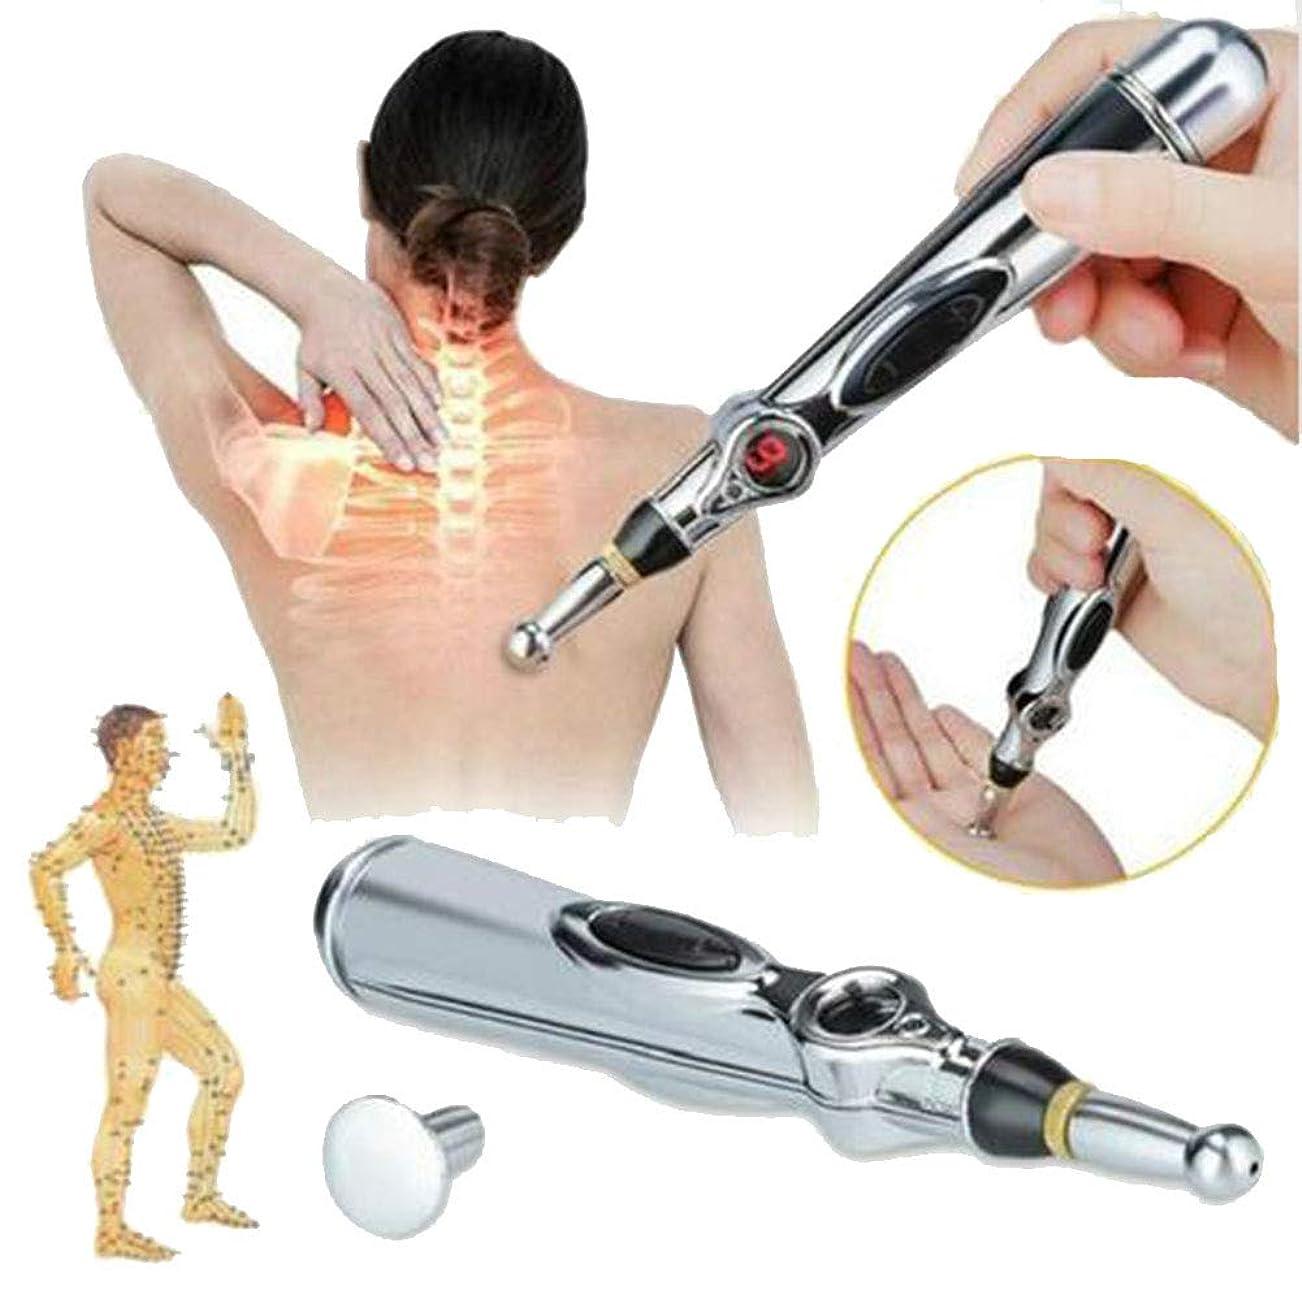 恐怖島上に築きます電子鍼ペン経絡レーザー鍼灸器マグネットマッサージャー家庭用医療器